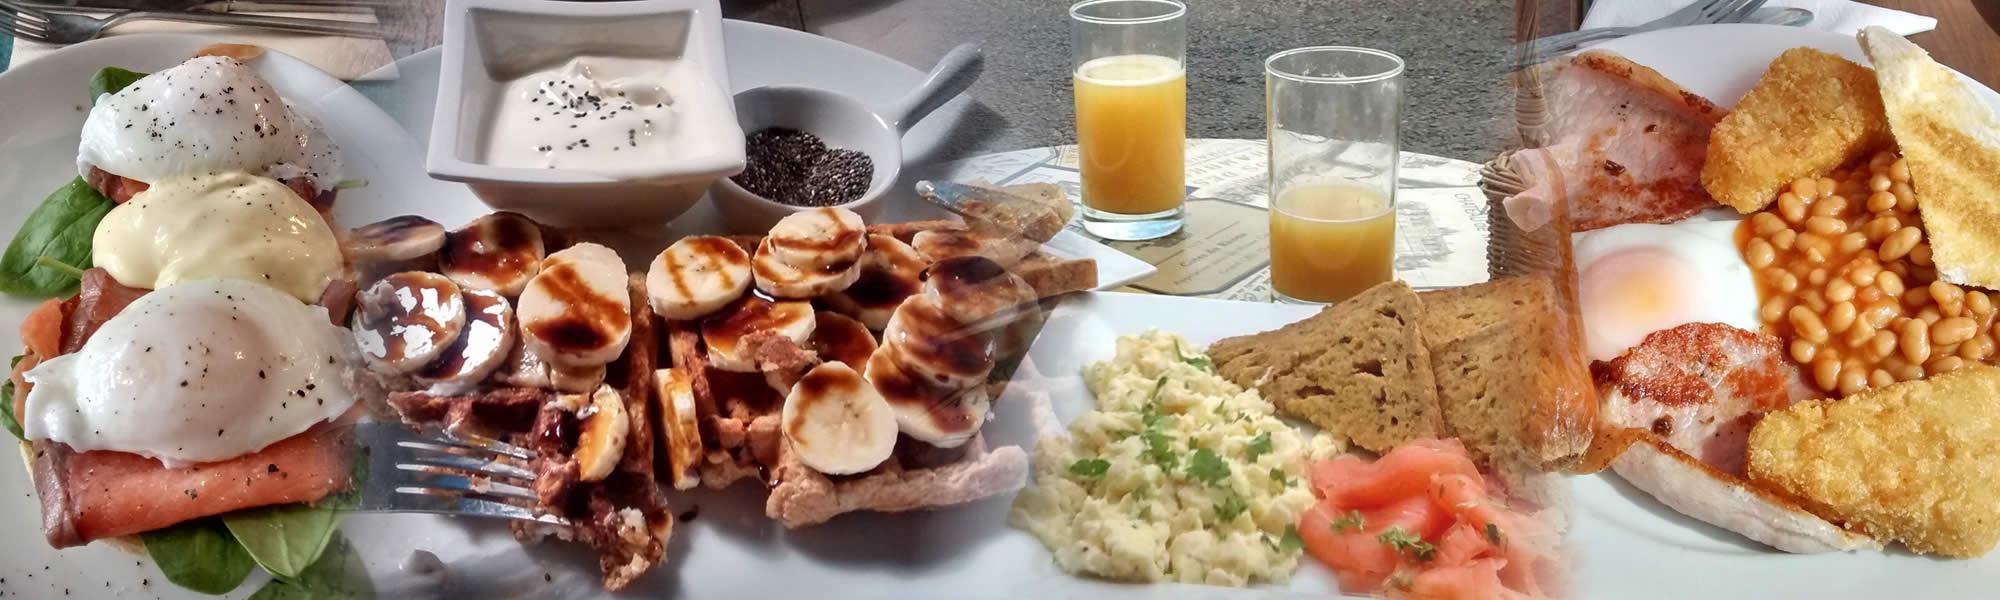 Breakfast - Visit Ramsgate